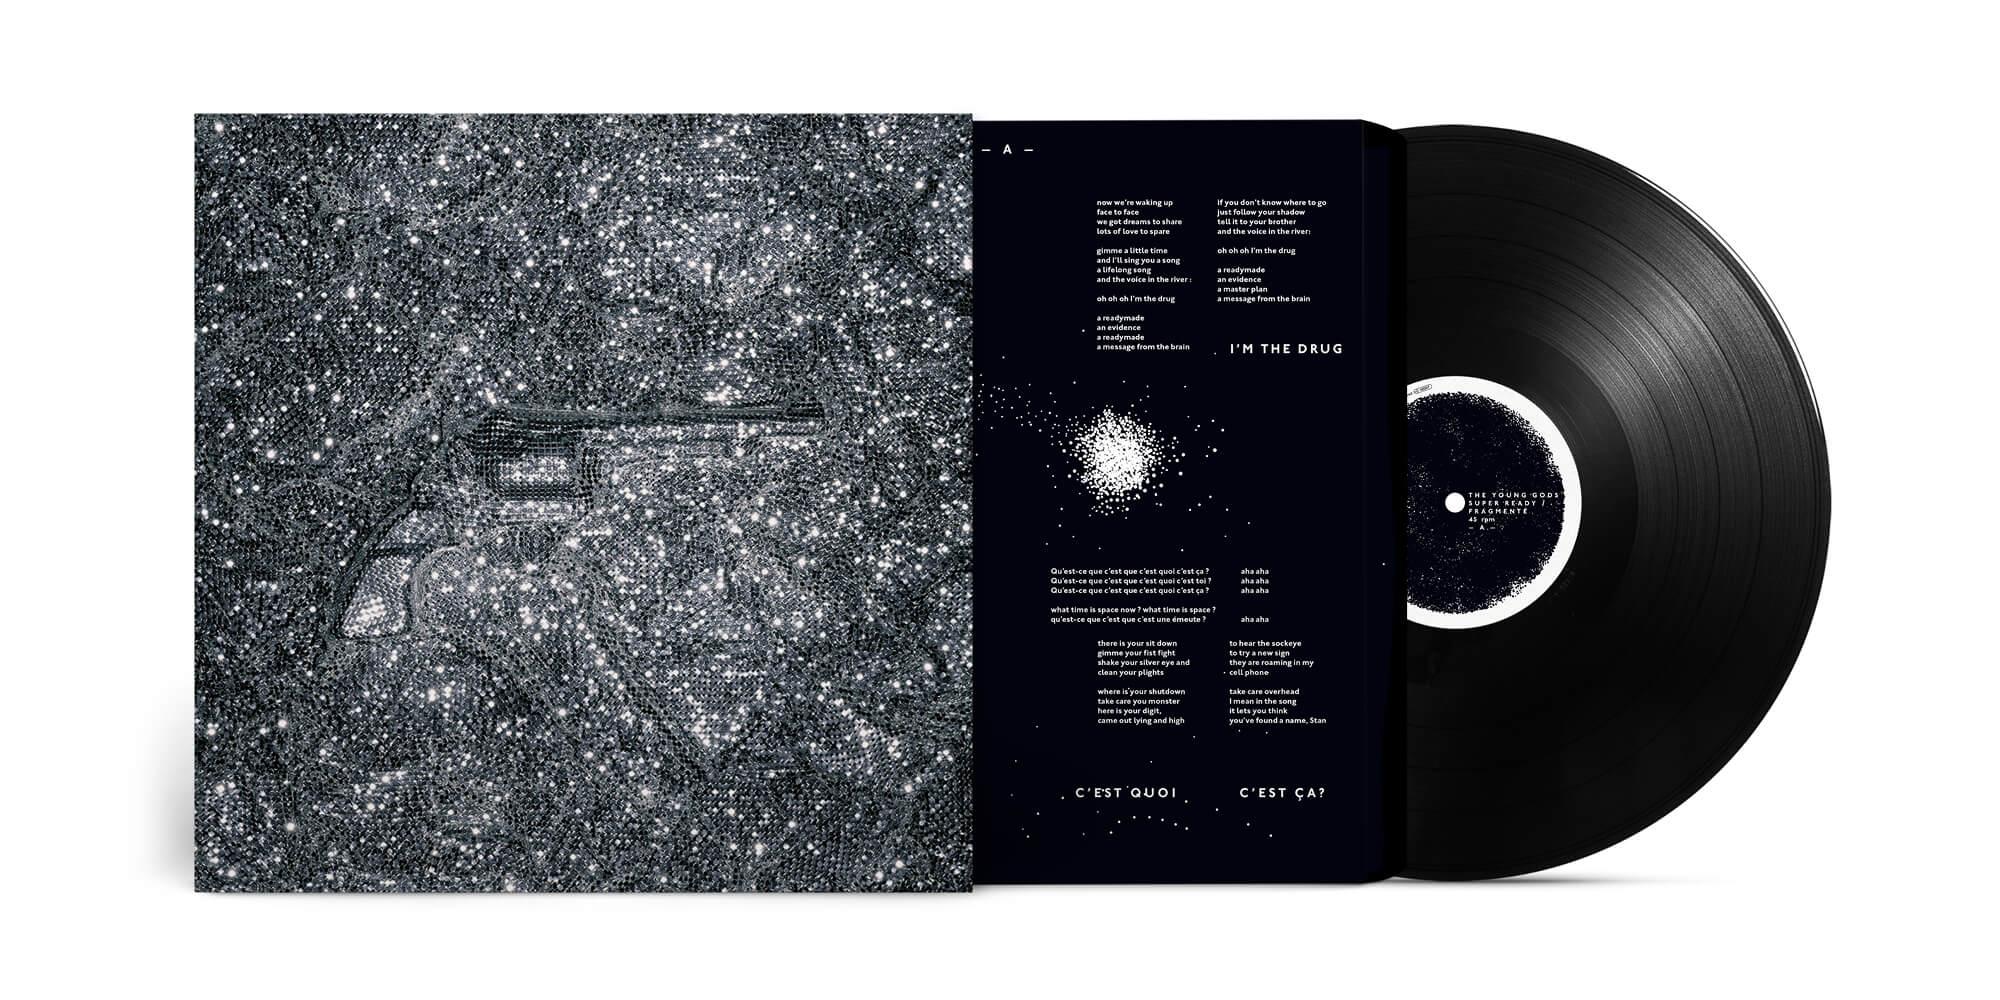 Vinyle collector de Super Ready/Fragmenté par The Young Gods, artwork IchetKar avec une photographie de Jean Jacques Pallot, une création graphique rock sous le signe de la paillette